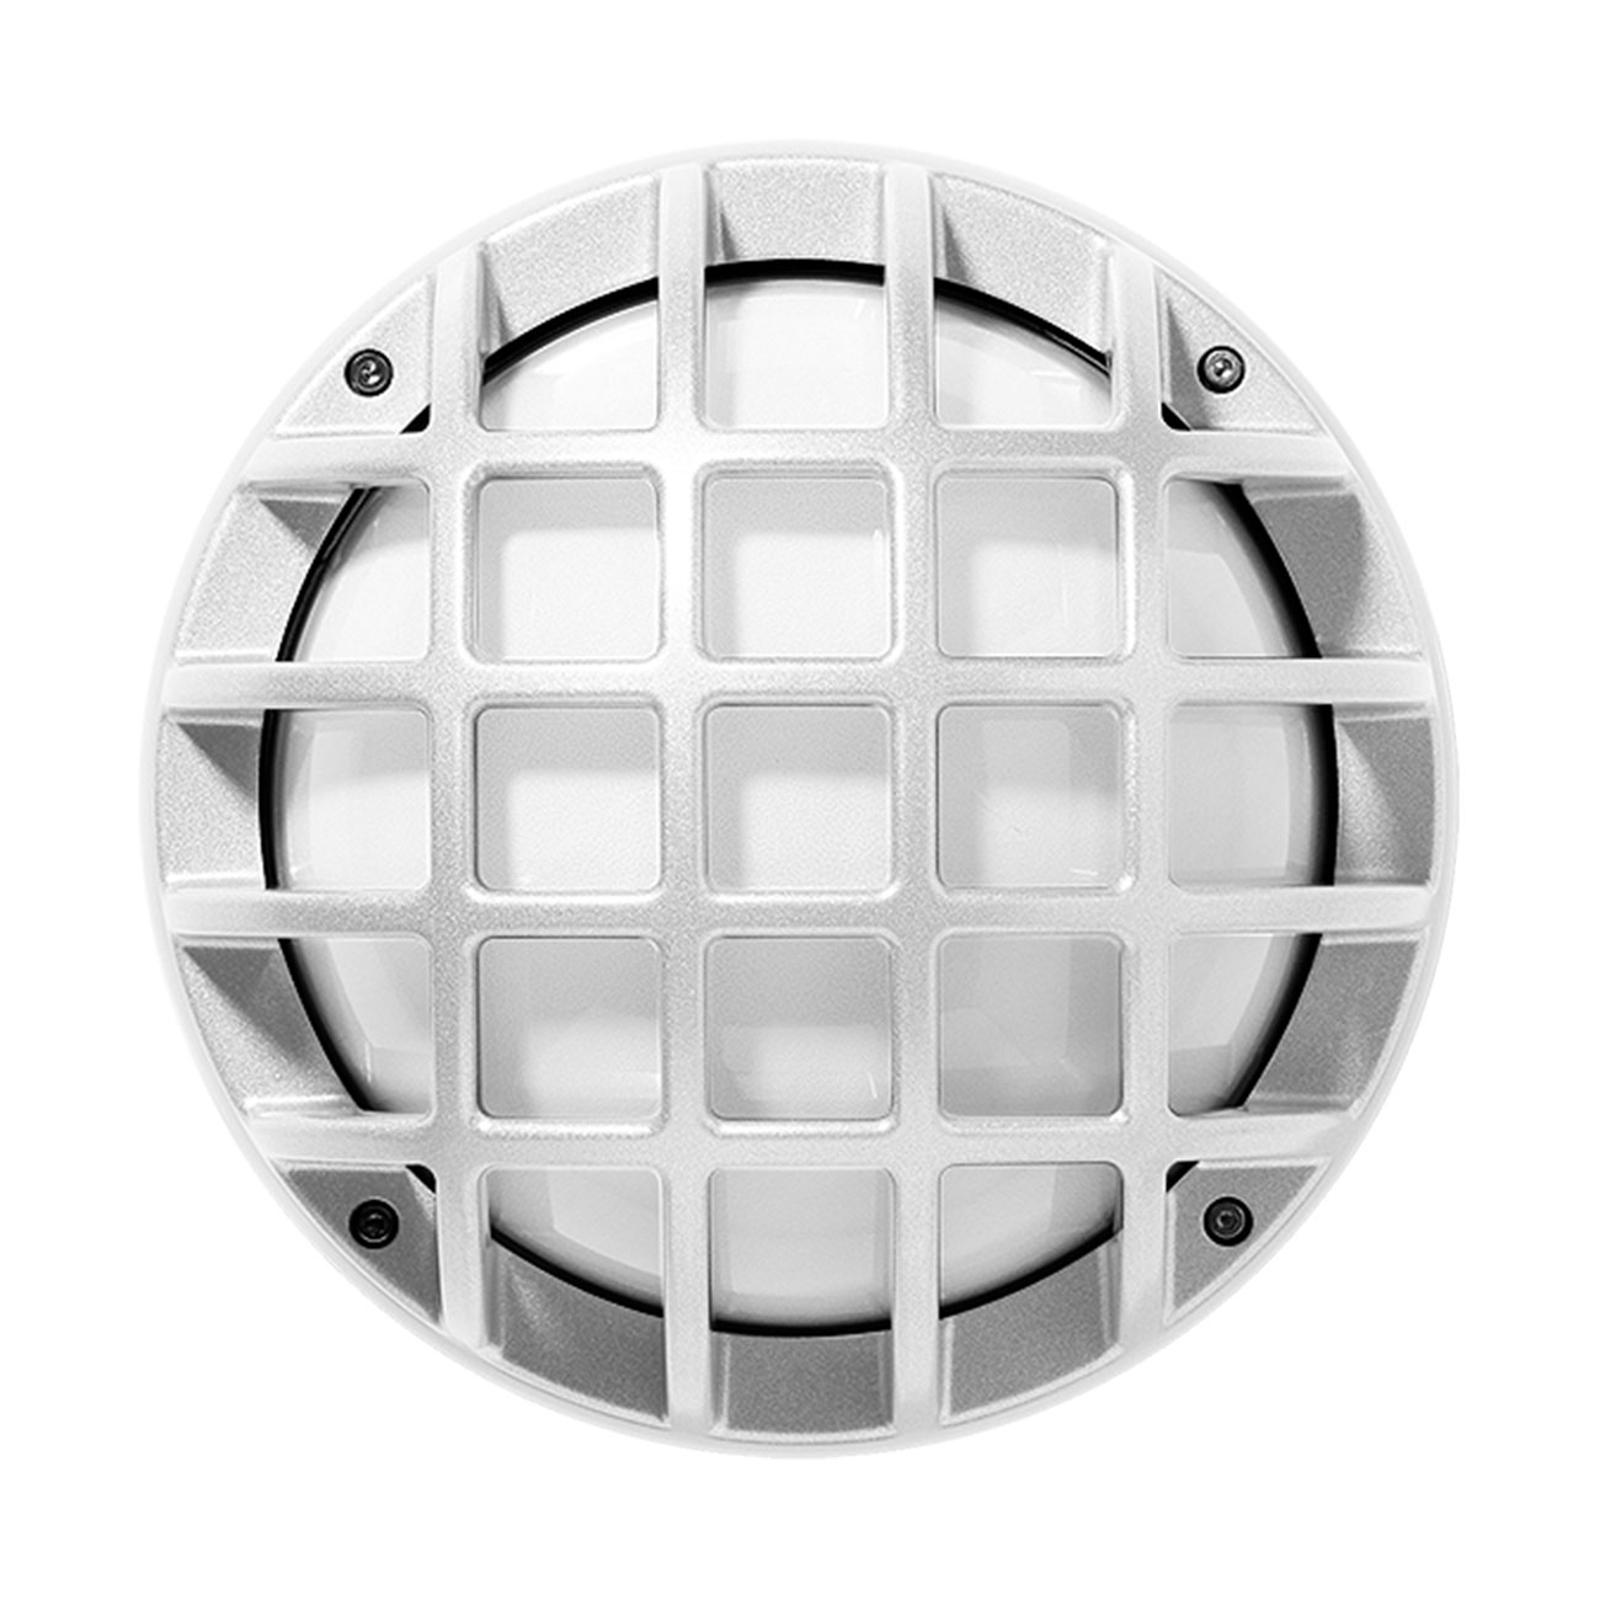 Utevegglampe Eko+21/G, E27, hvit strukturert